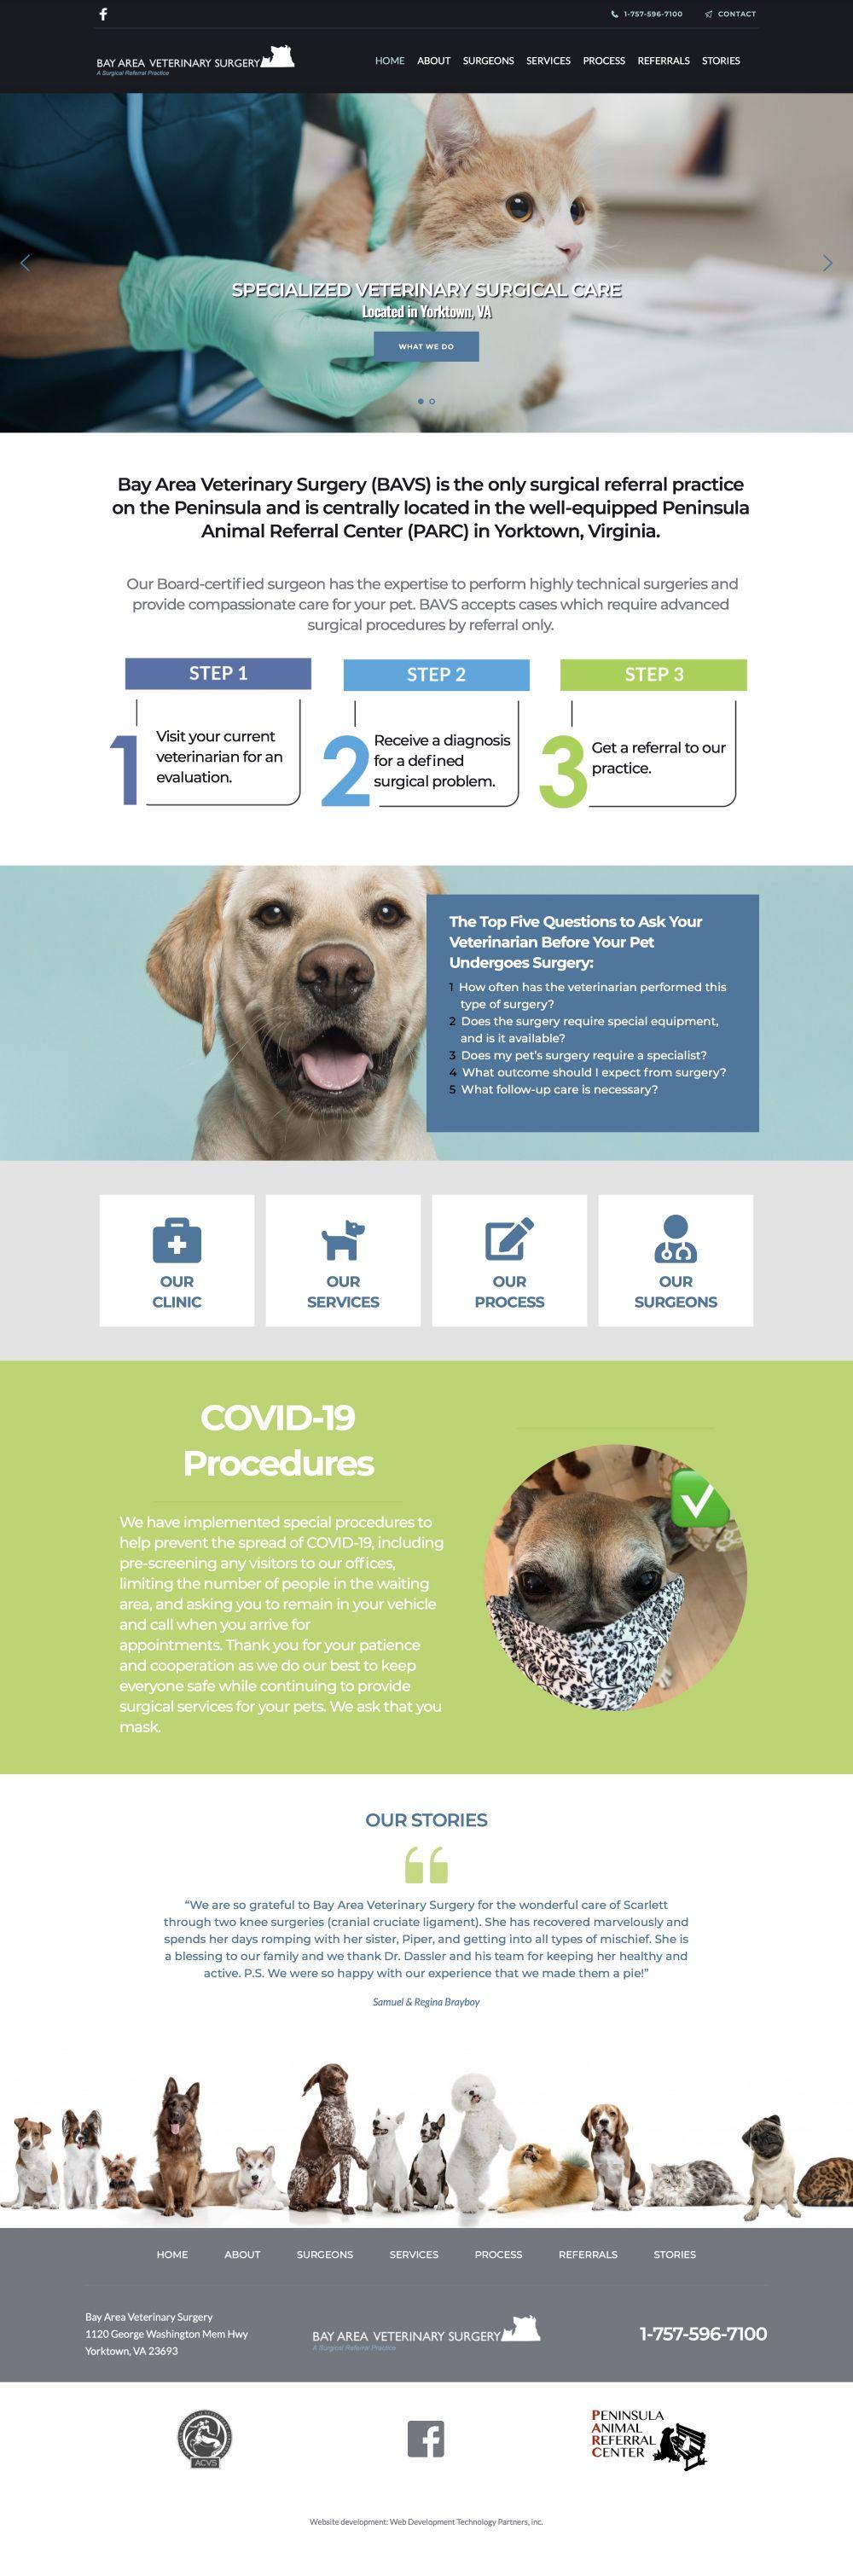 Bay Area Veterinary Surgery